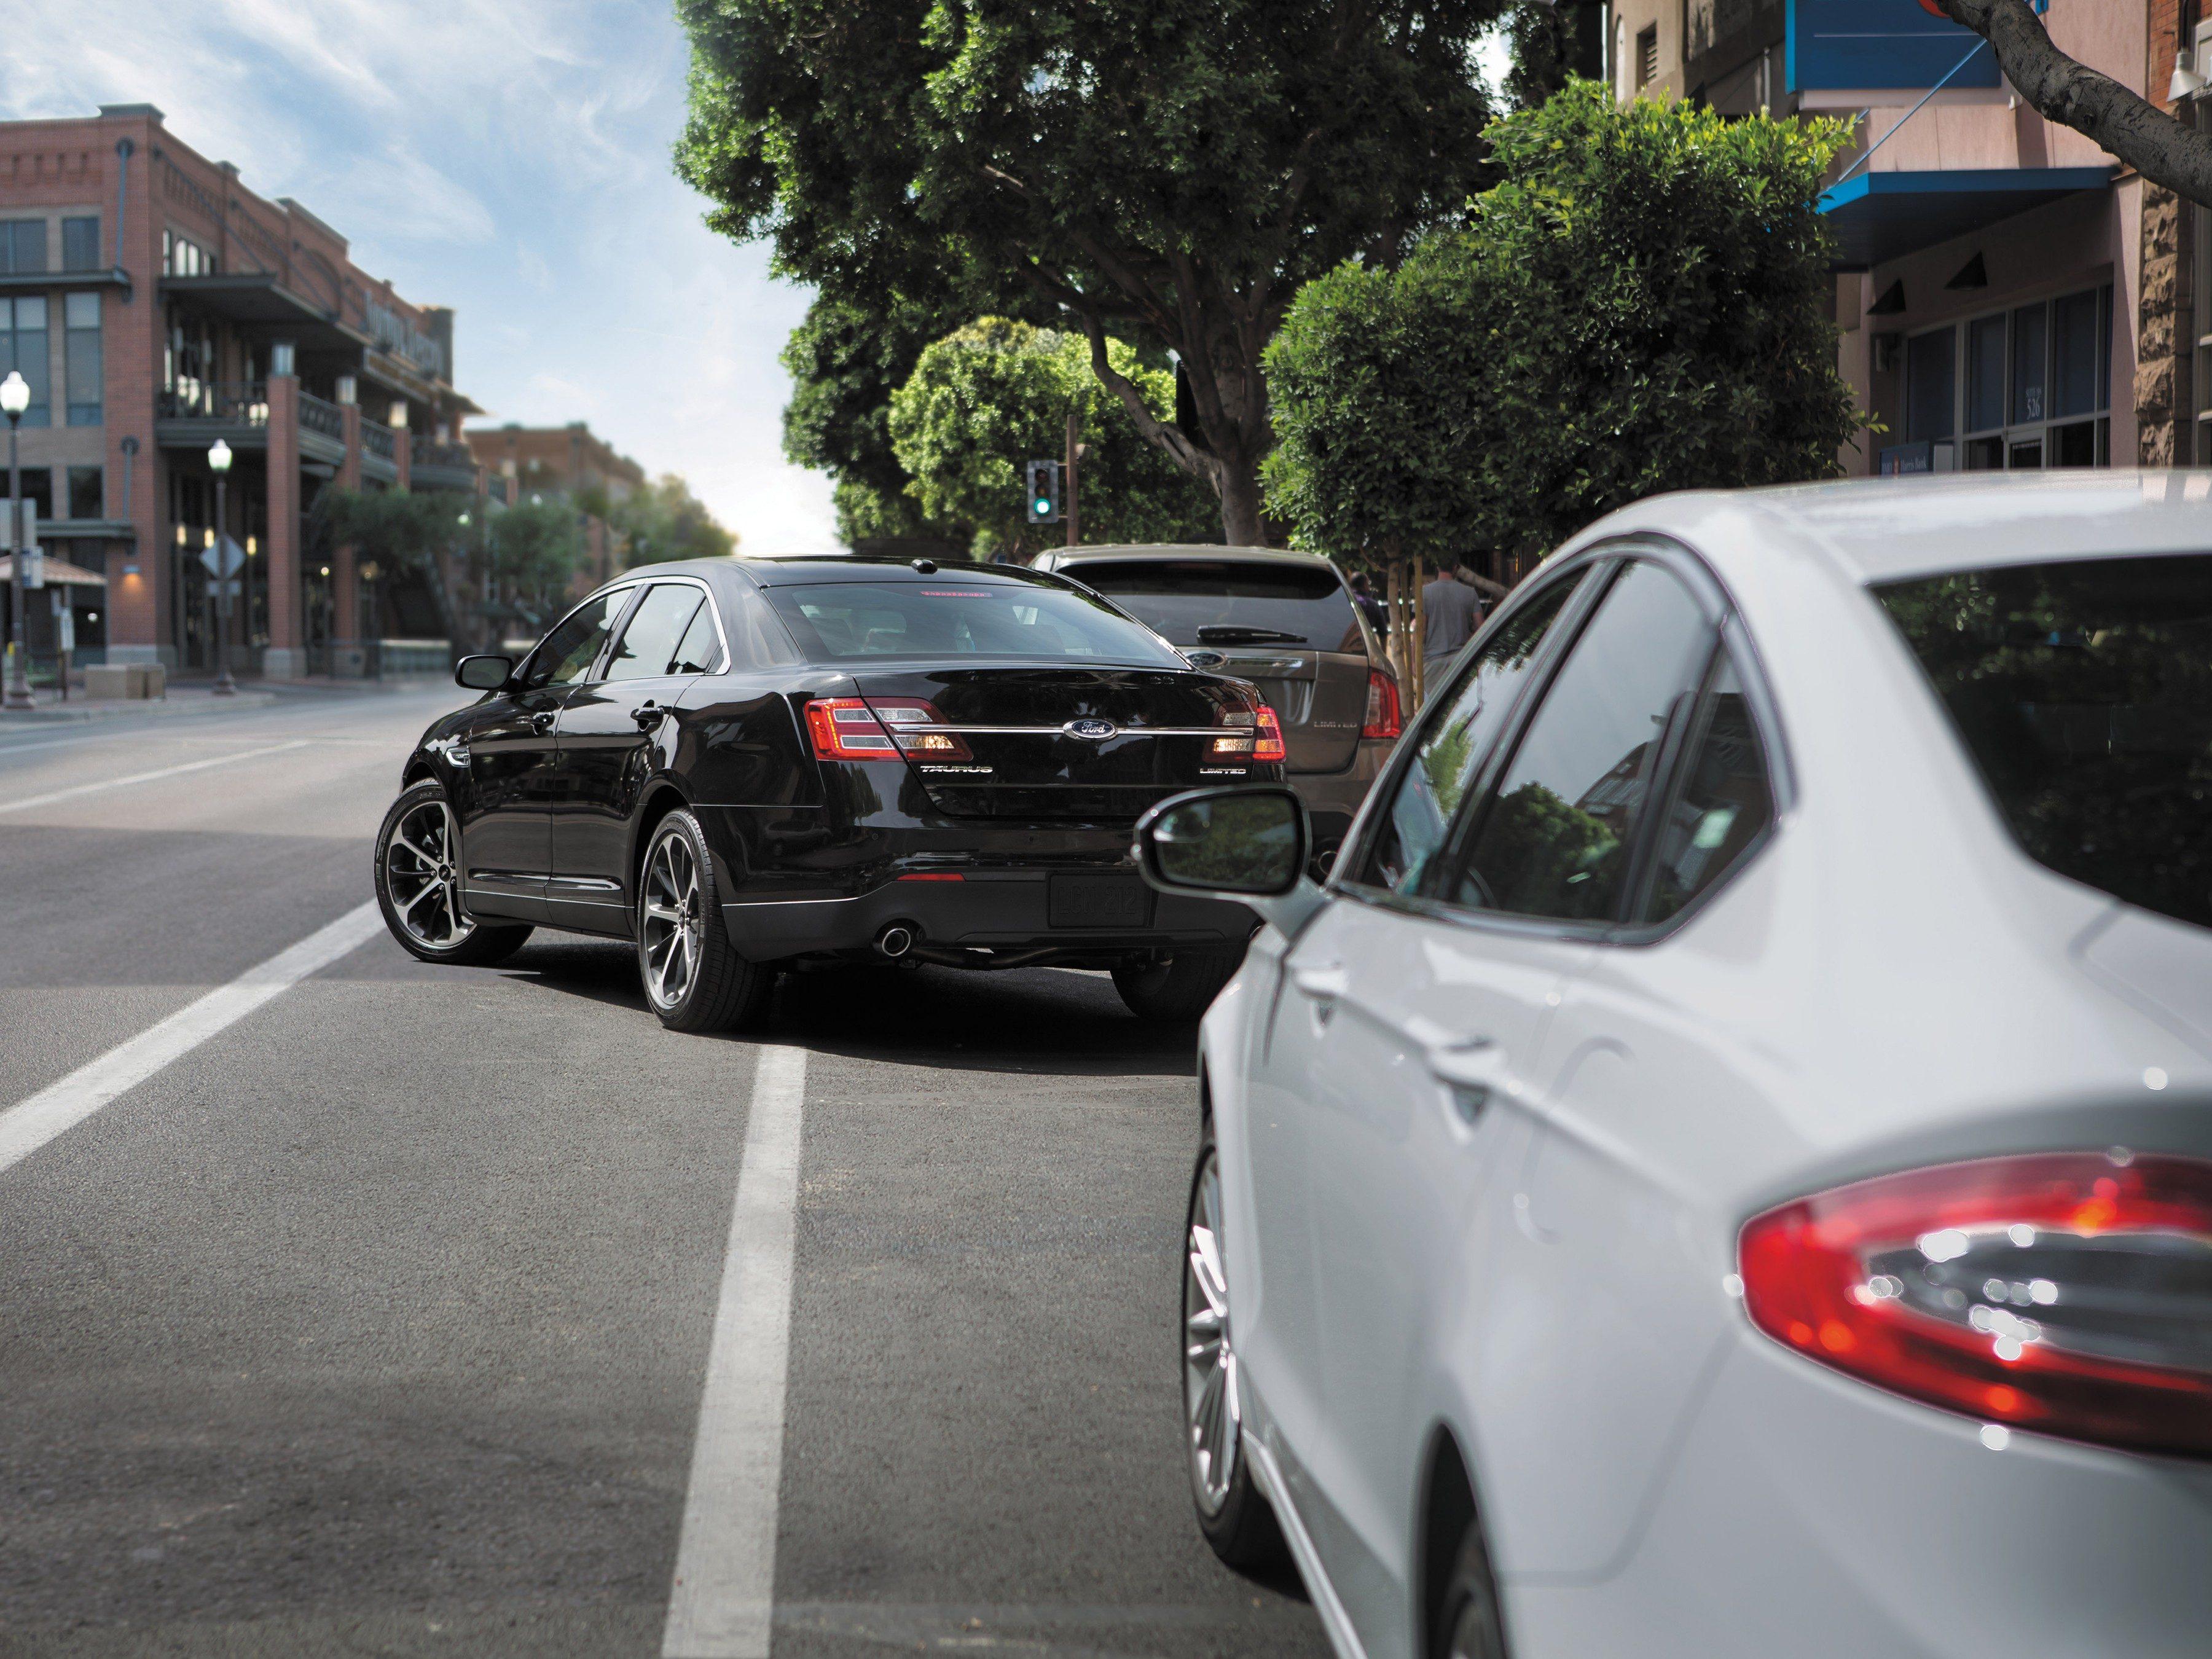 New Automotive Trend #4: Senior-Friendly Car Features